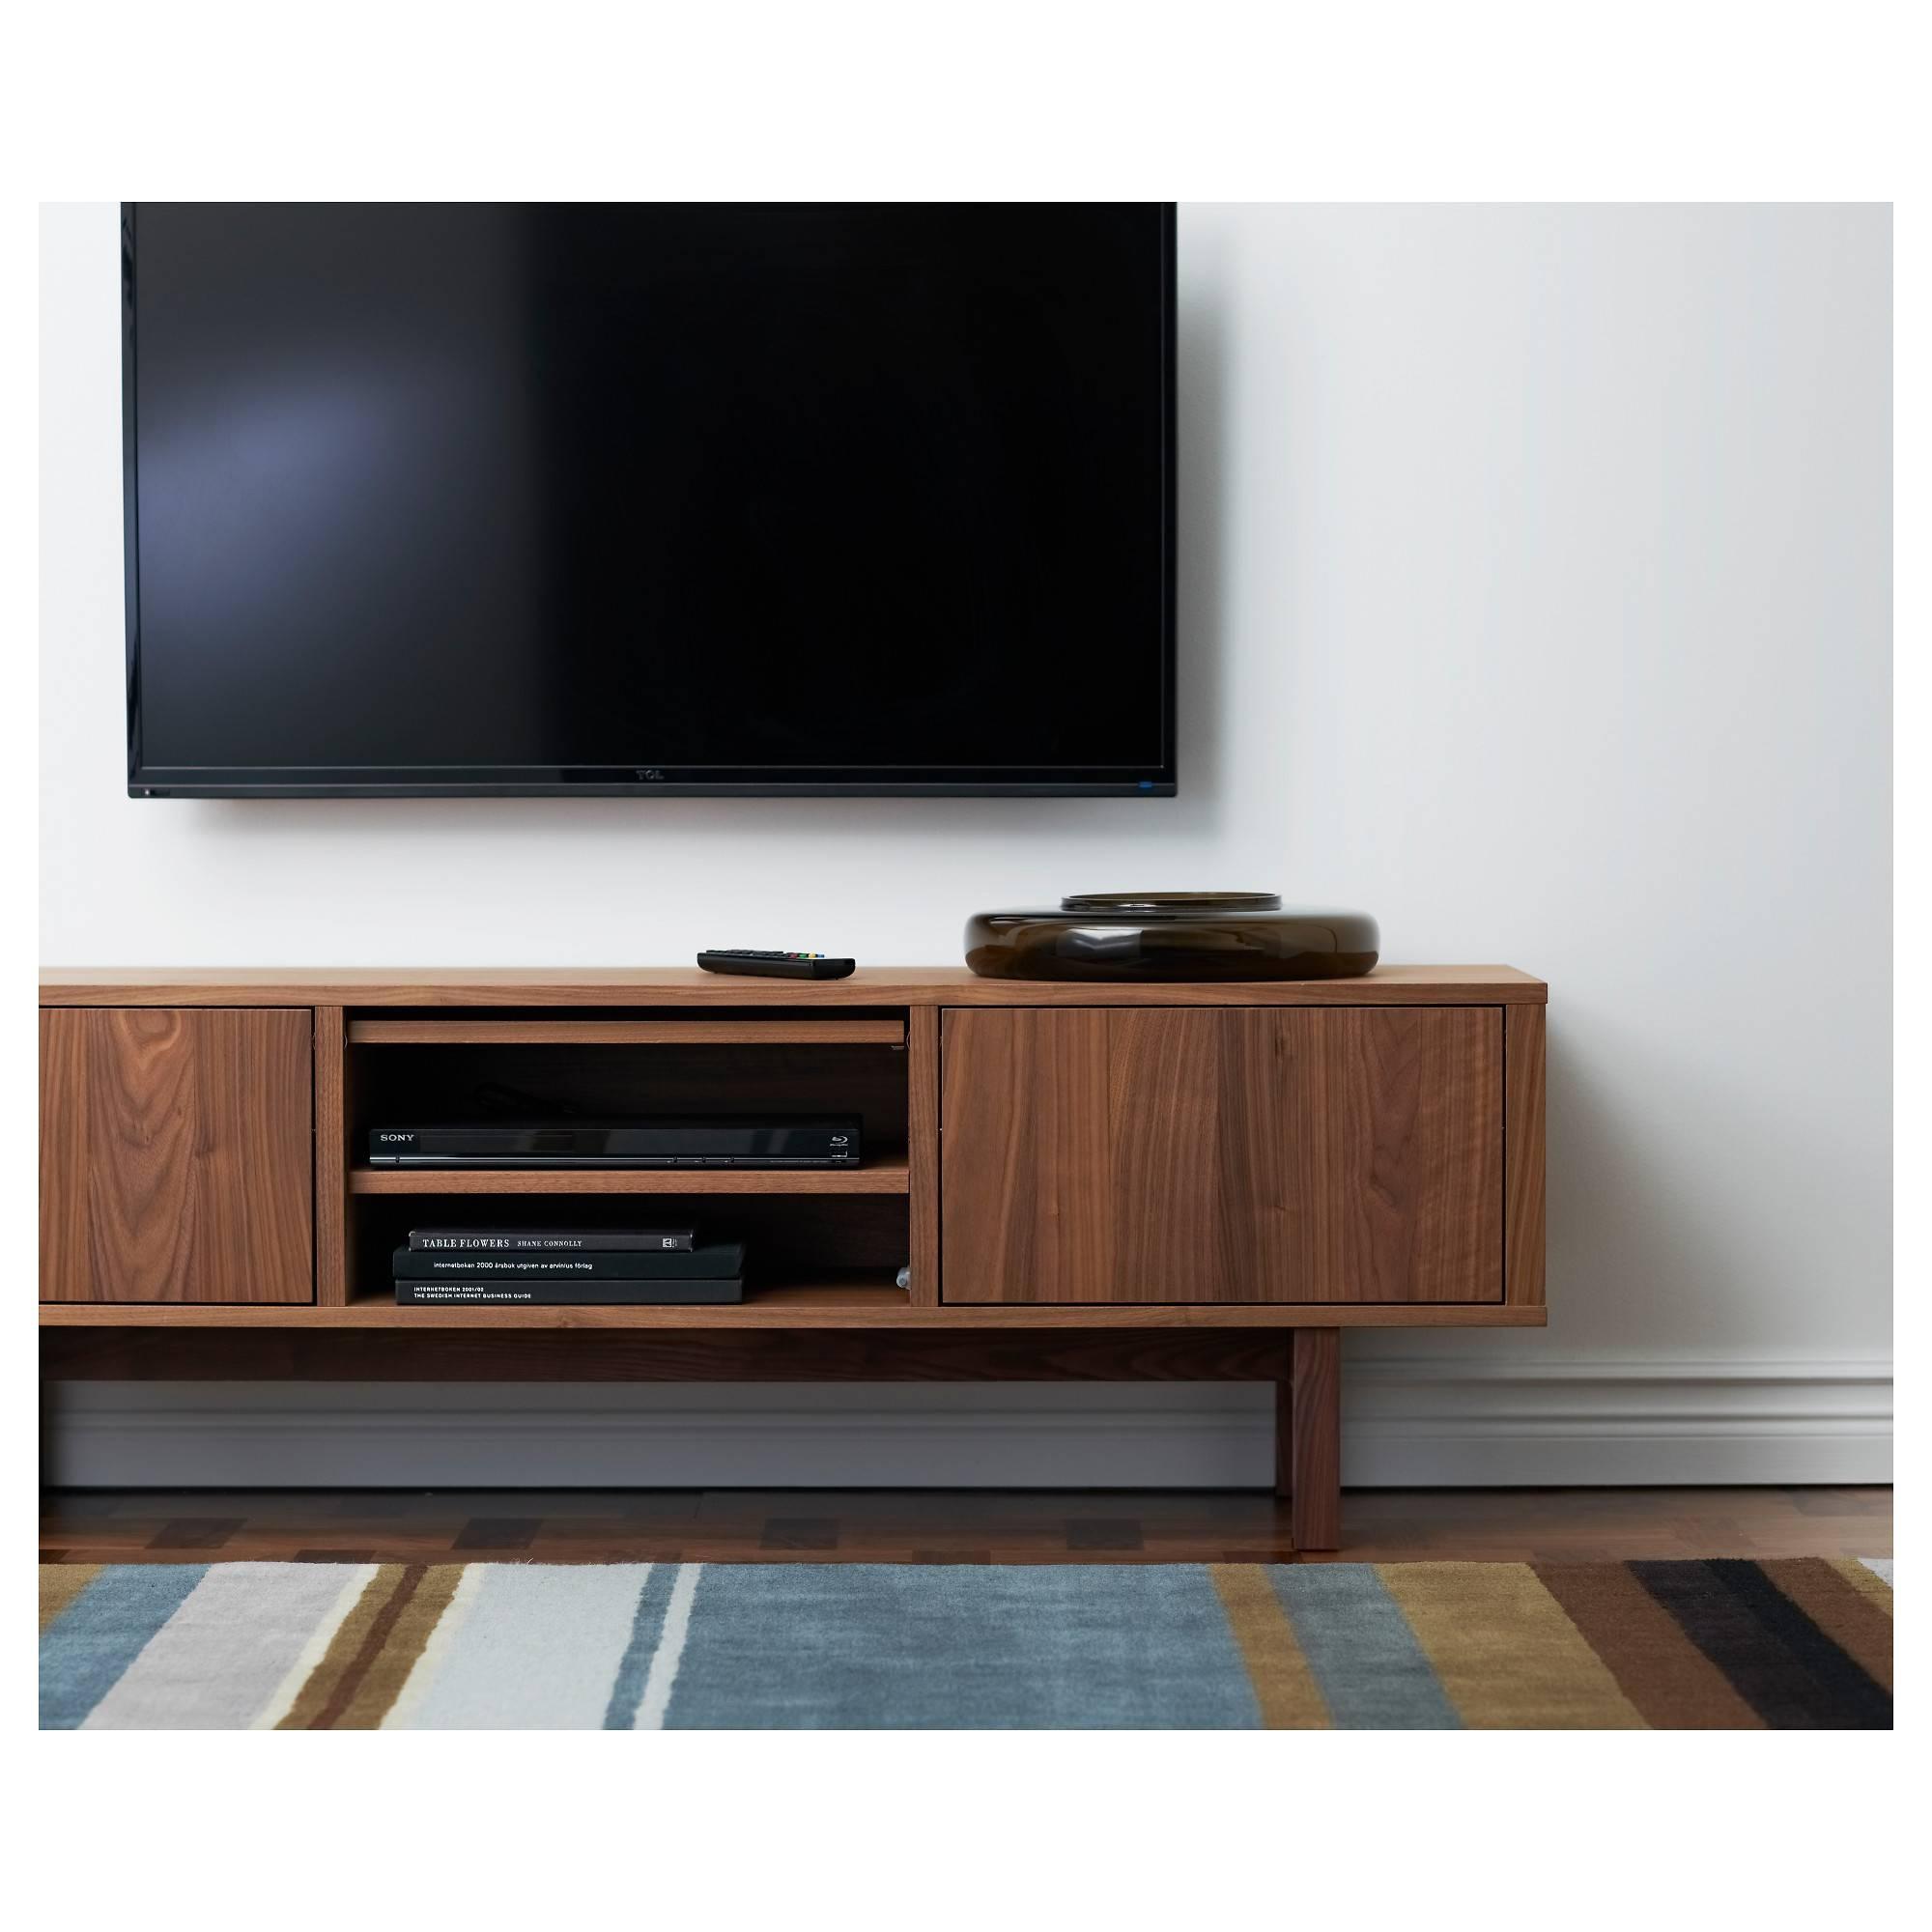 Stockholm Tv Unit - Ikea pertaining to Tv Drawer Units (Image 12 of 15)